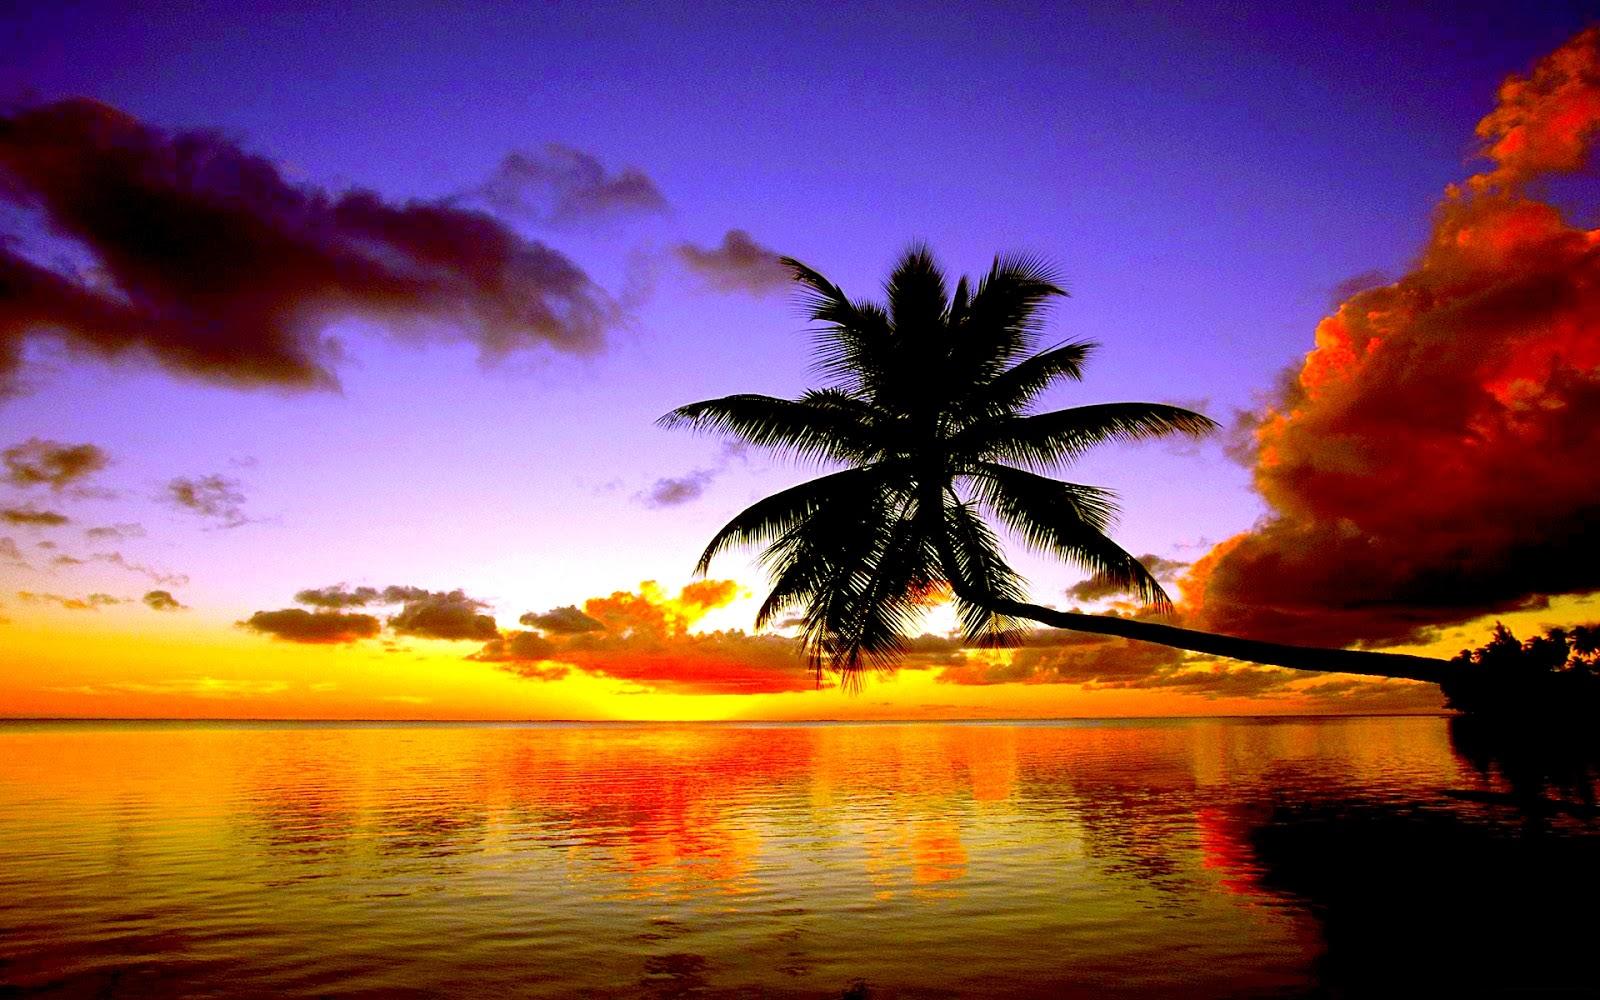 Sunset Hd Wallpapers 16002151000 124723 HD Wallpaper 1600x1000